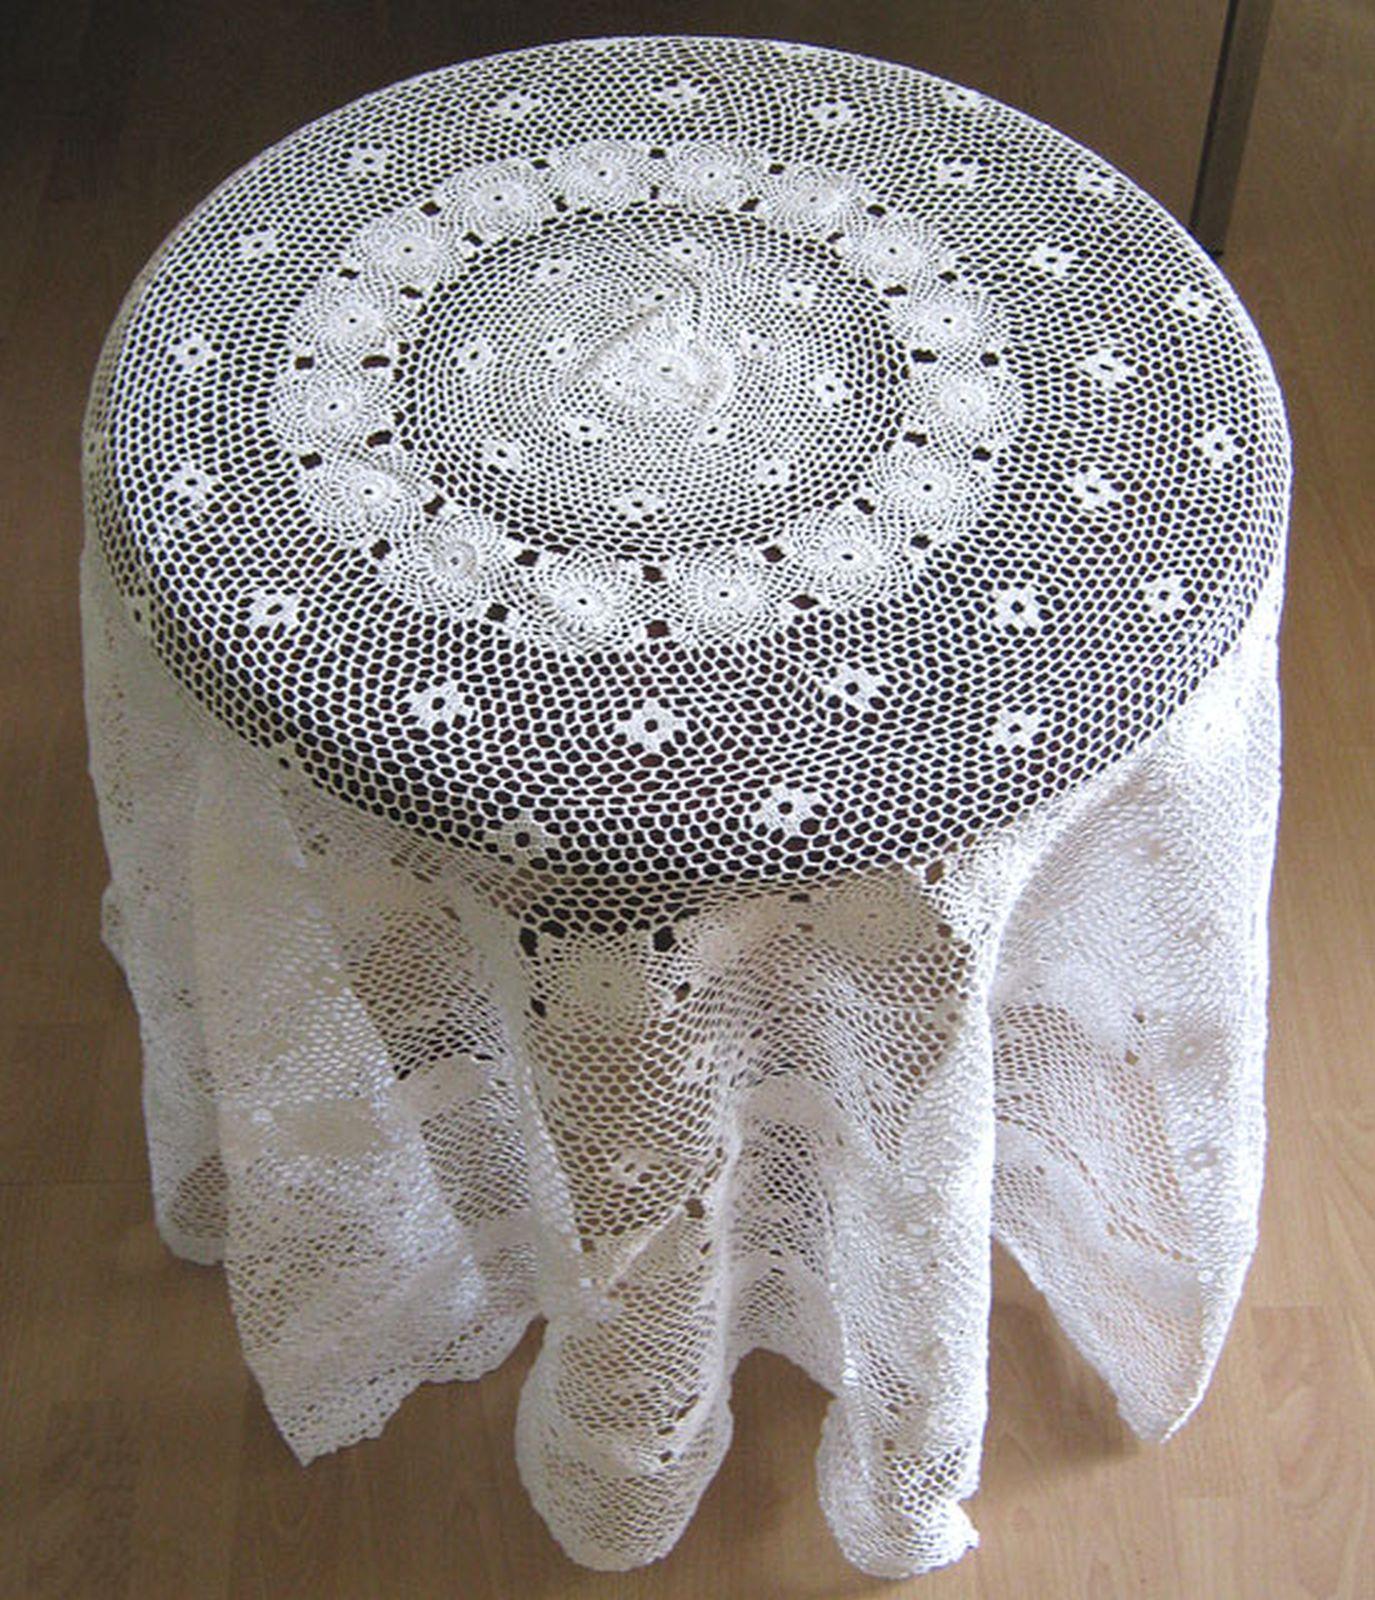 tischdecke decke handarbeit weiss beige baumwolle wolle rund ca 150cm rund neu ebay. Black Bedroom Furniture Sets. Home Design Ideas